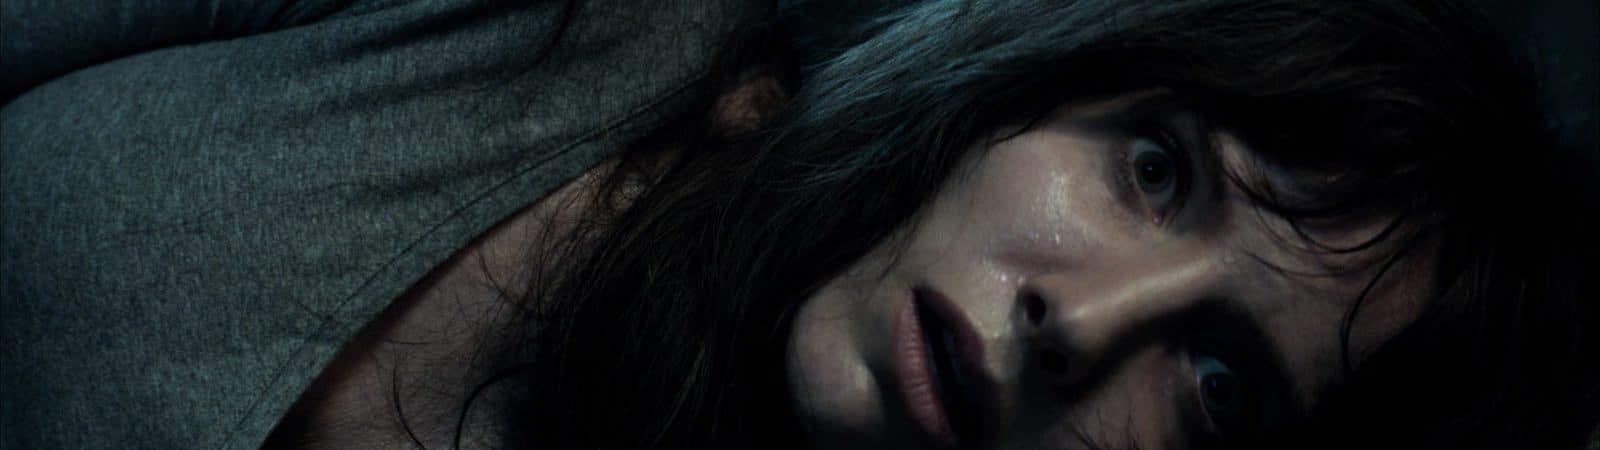 Imagem promocional de Maligno, novo filme de James Wan, mostra a atriz Annabelle Wallis com expressão assustada.